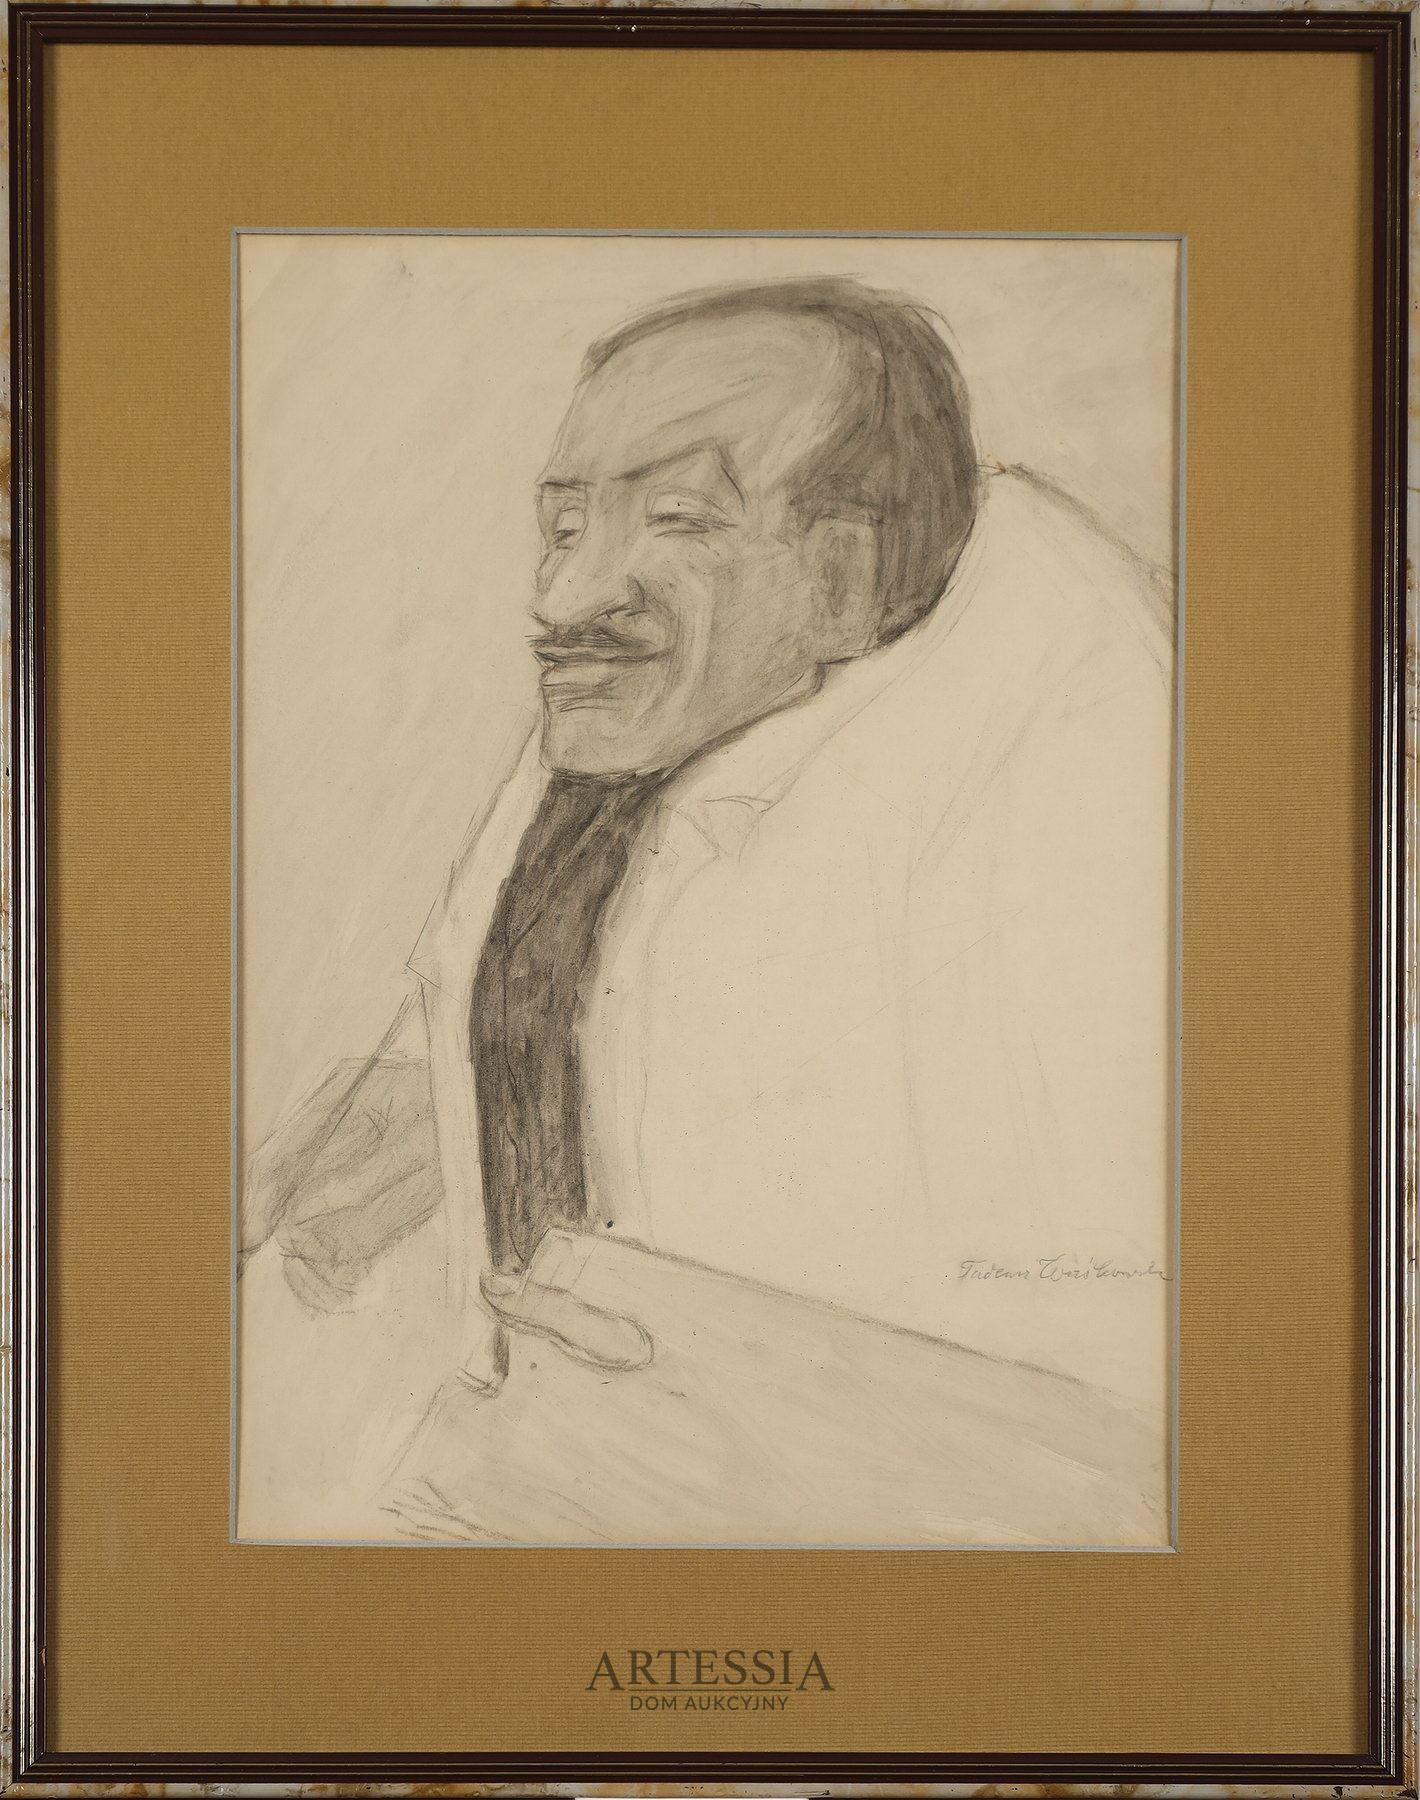 Portret Tytusa Czyżewskiego, 2 ćw. XX w.